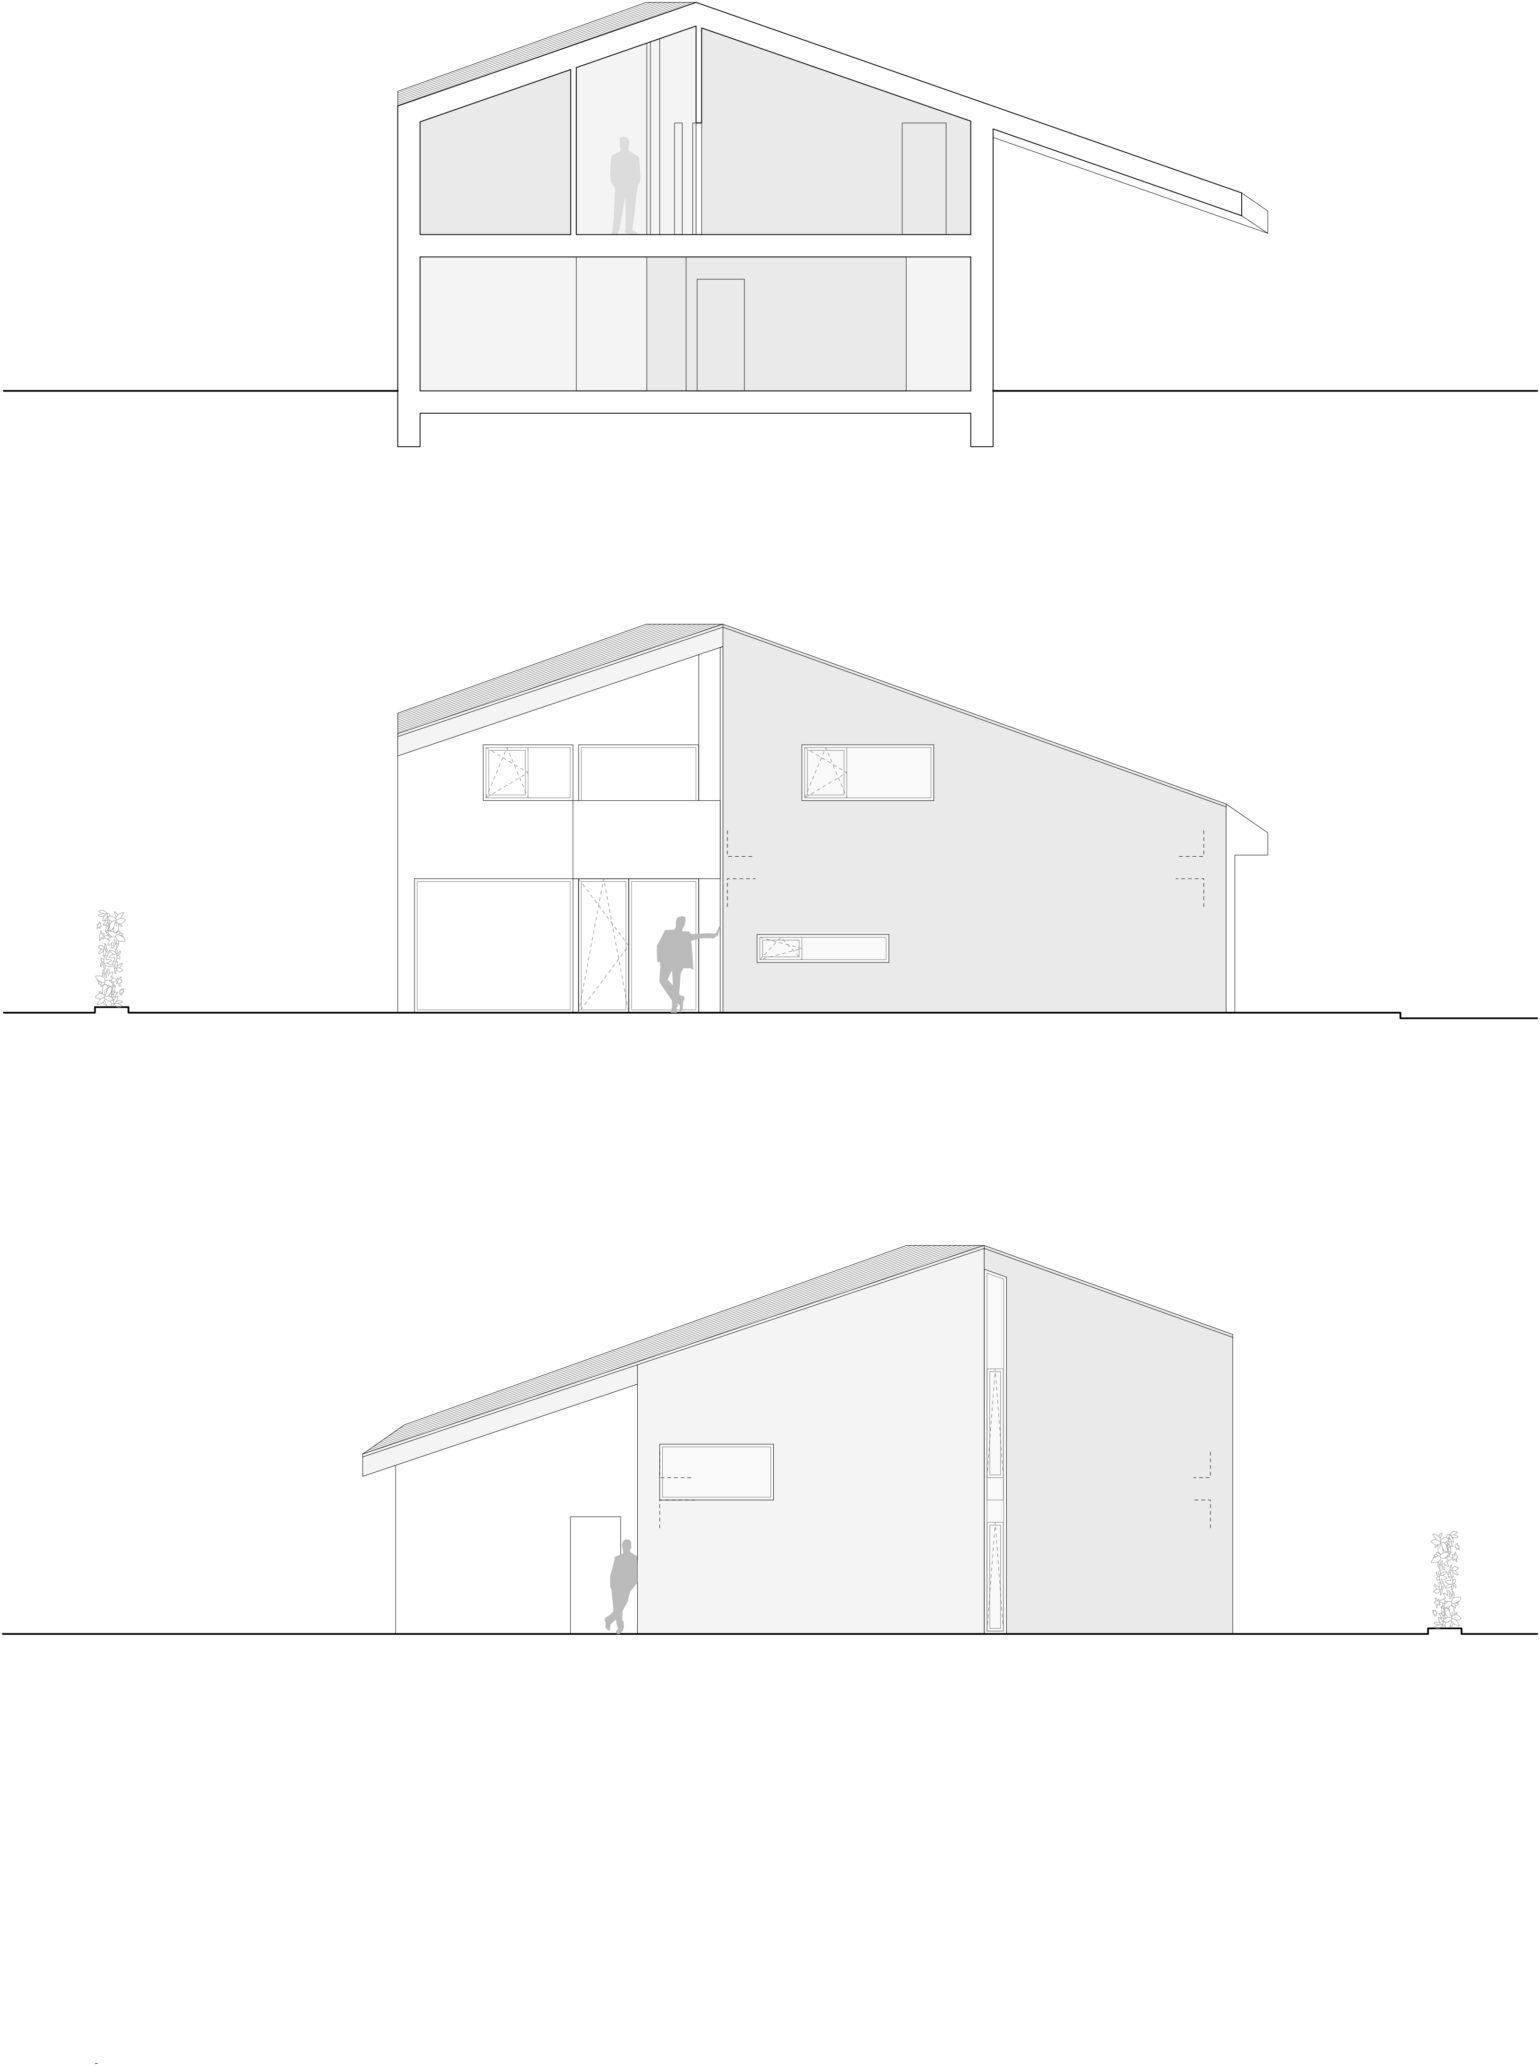 1:100 coupes facades 1